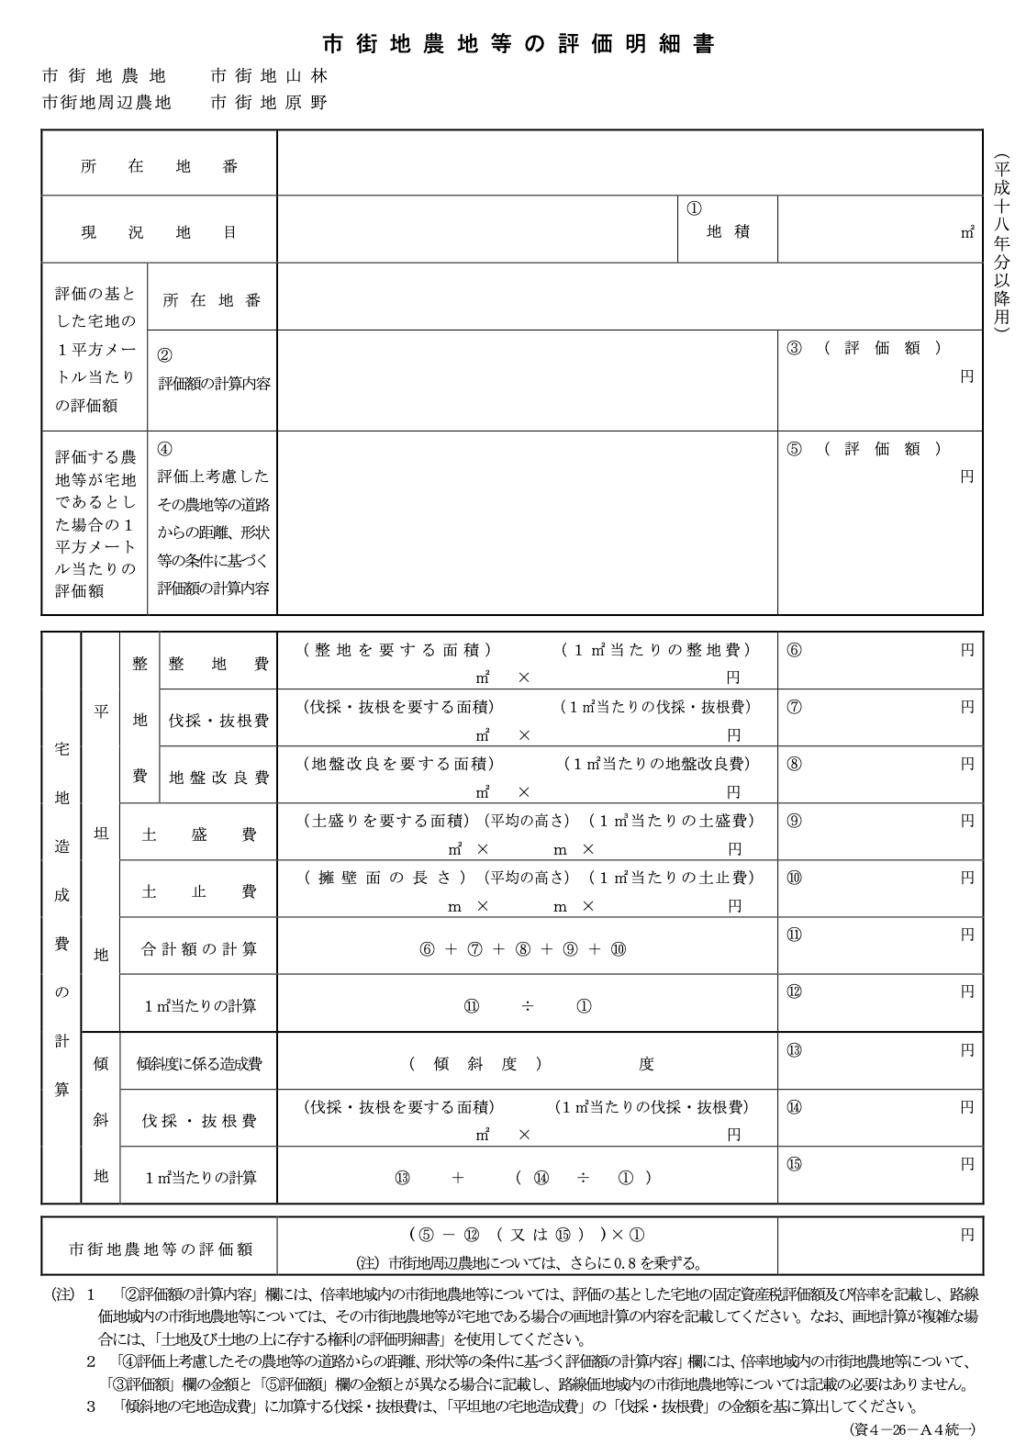 市街地農地等の評価明細書